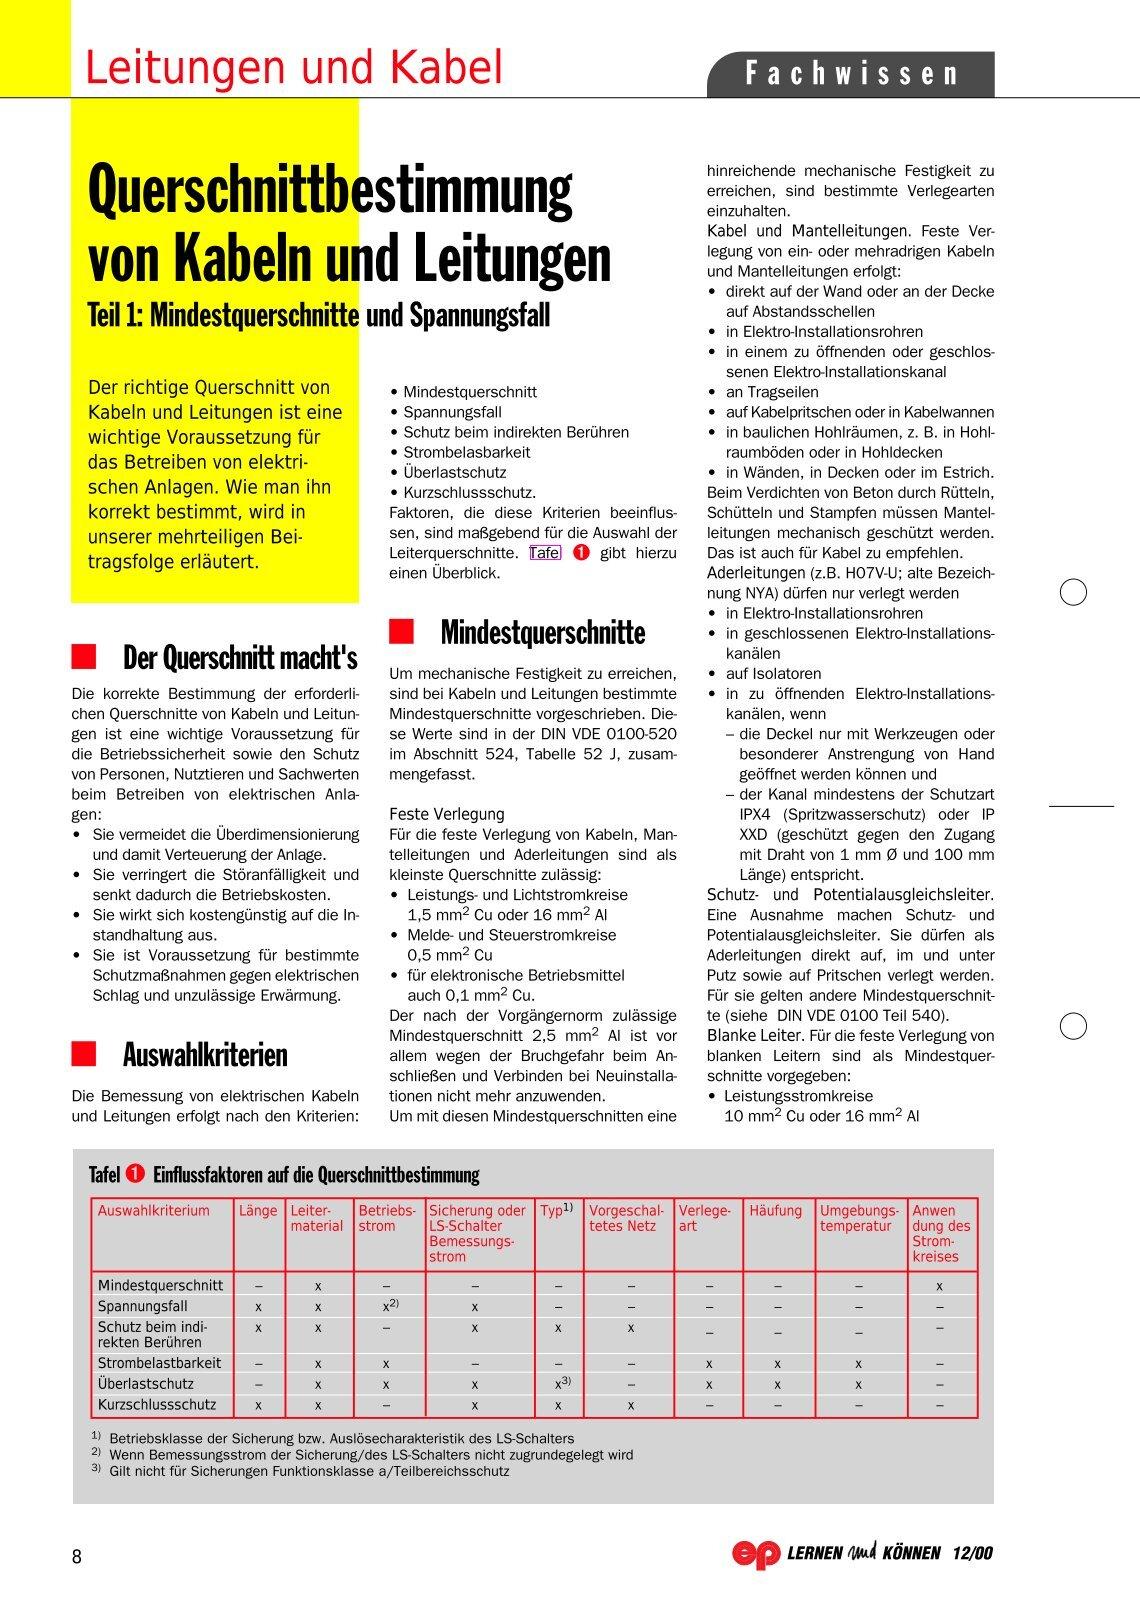 Charmant Wie Man Elektrische Haushaltsverdrahtung Macht Bilder ...